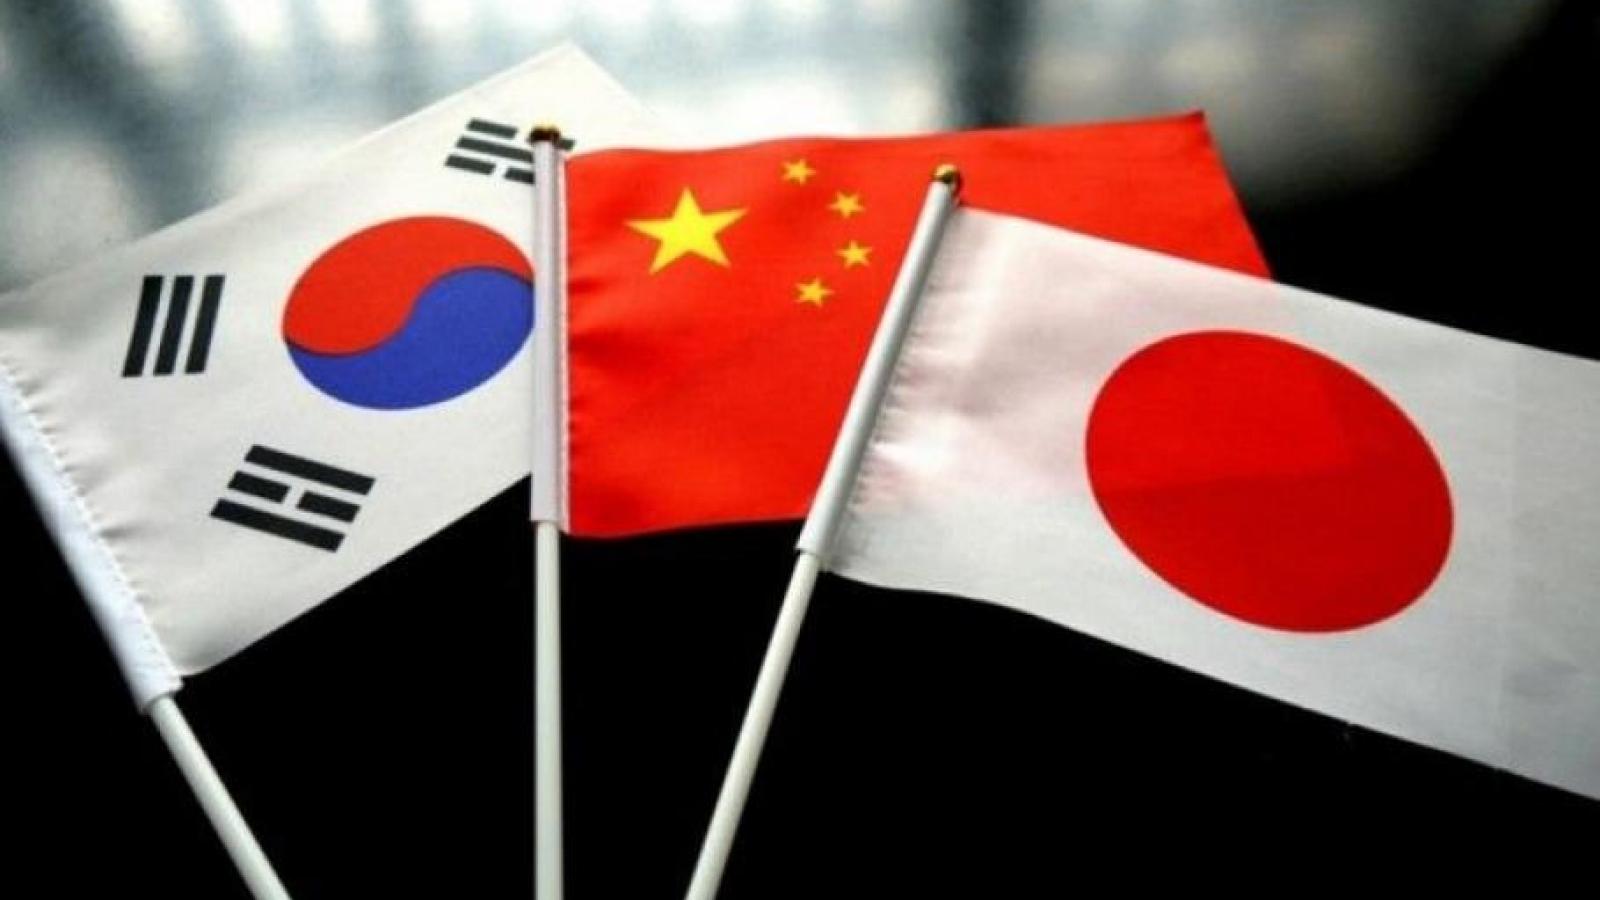 Hội nghị Thượng đỉnh Nhật – Hàn - Trung có thể không diễn ra như dự kiến